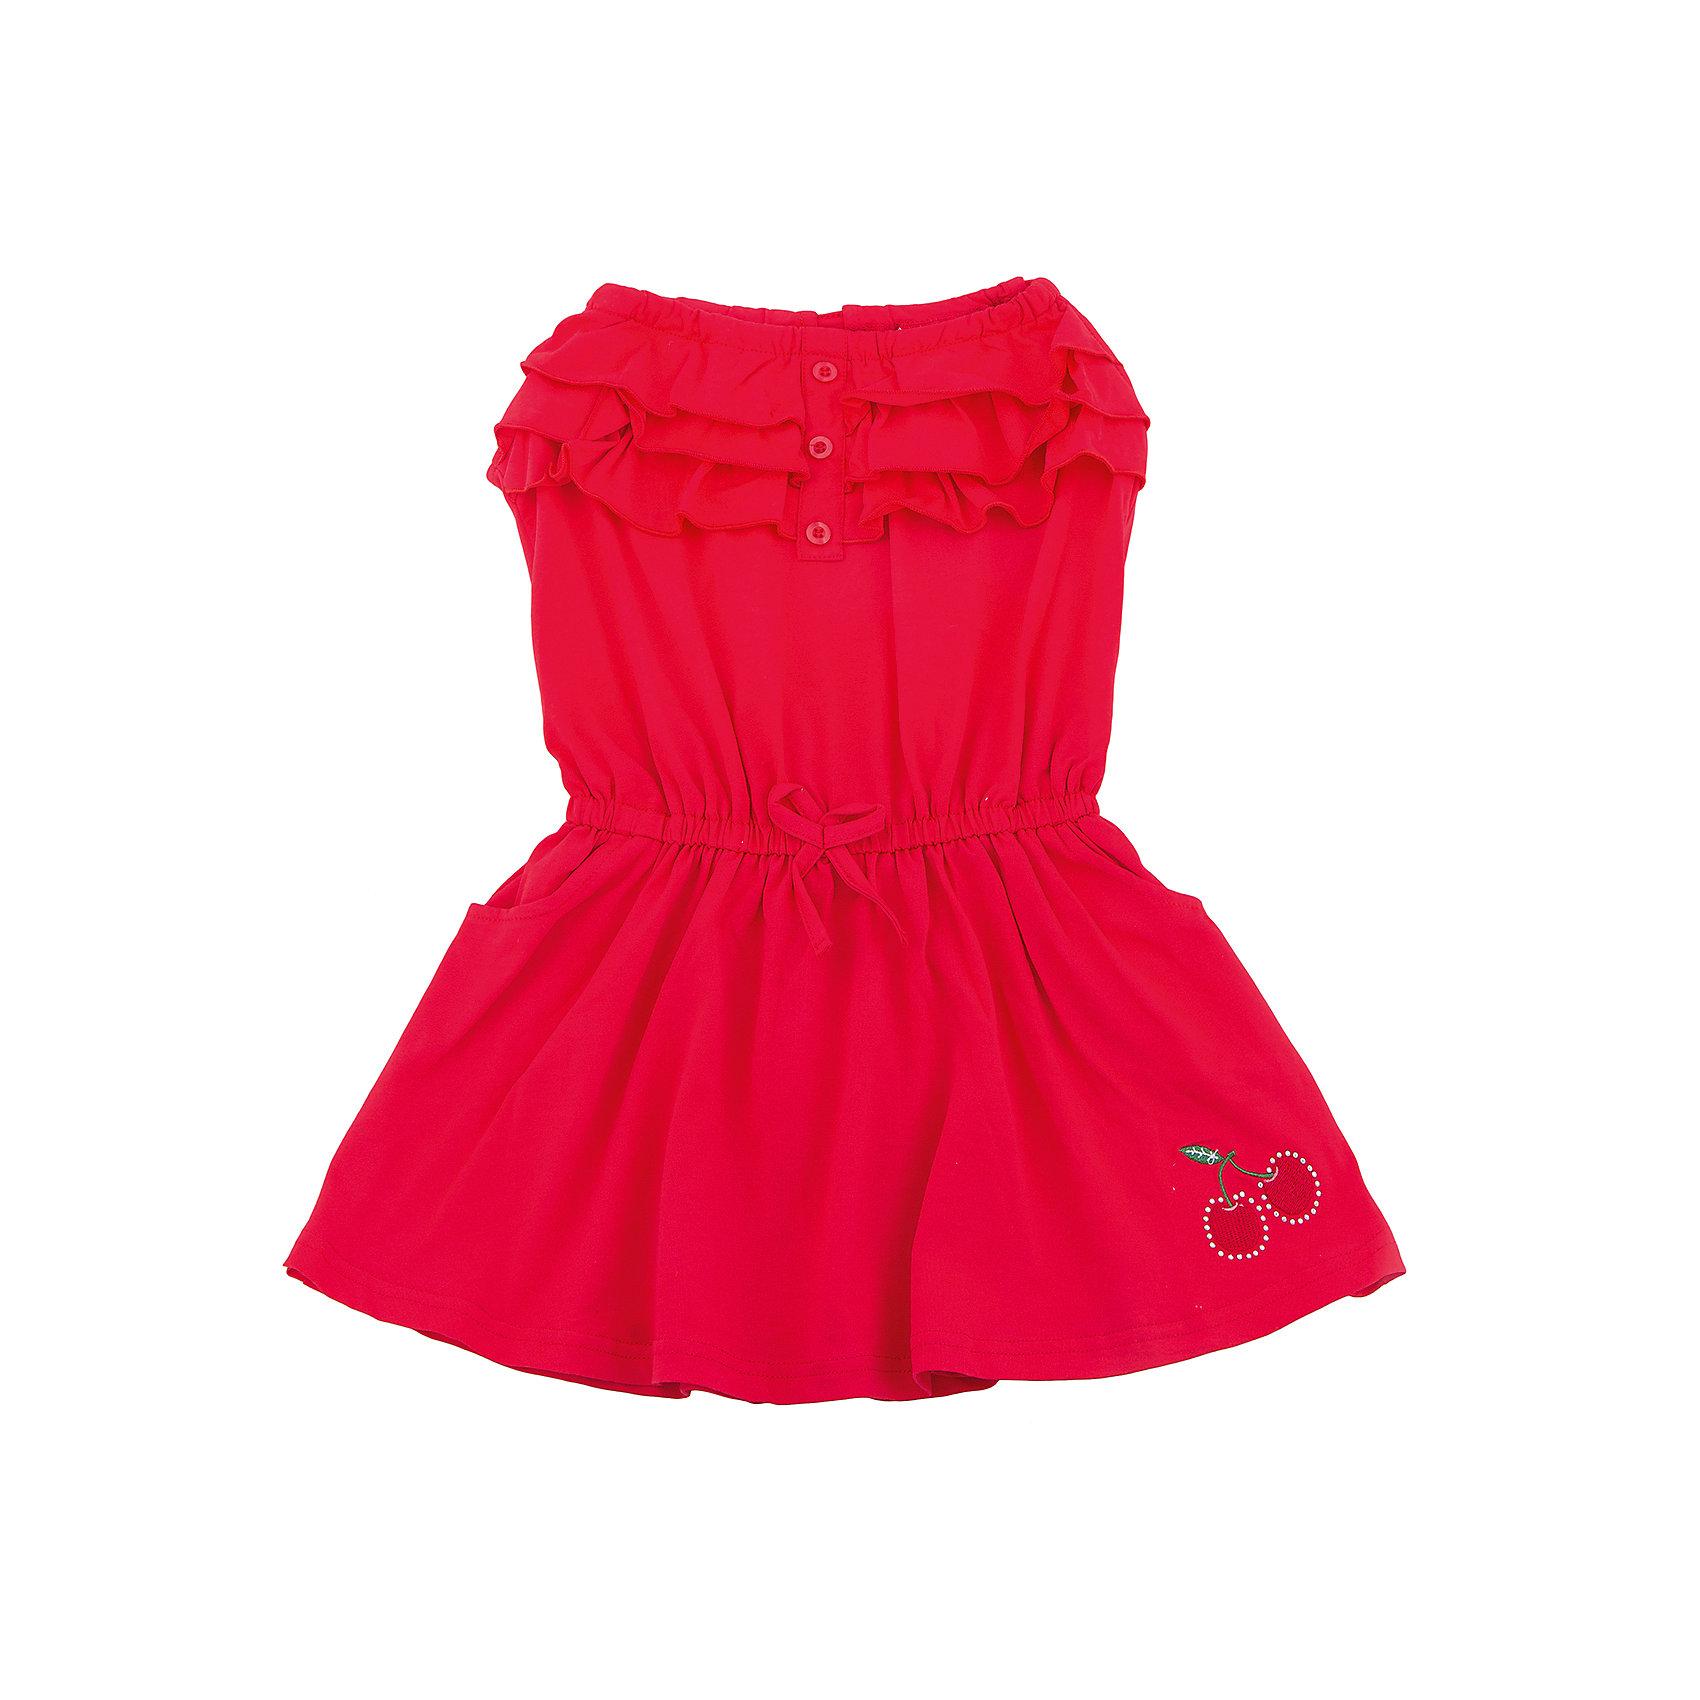 Сарафан для девочки Sweet BerryЛетние платья и сарафаны<br>Яркий трикотажный сарафан для девочки. Верх изделия декорирован многослойными воланами и пуговками. Талия собрана на мягкую резинкук. Низ изделия декорирован вышивкой.<br>Состав:<br>95%хлопок 5%эластан<br><br>Ширина мм: 236<br>Глубина мм: 16<br>Высота мм: 184<br>Вес г: 177<br>Цвет: красный<br>Возраст от месяцев: 36<br>Возраст до месяцев: 48<br>Пол: Женский<br>Возраст: Детский<br>Размер: 104,98,110,116,122,128<br>SKU: 5409982